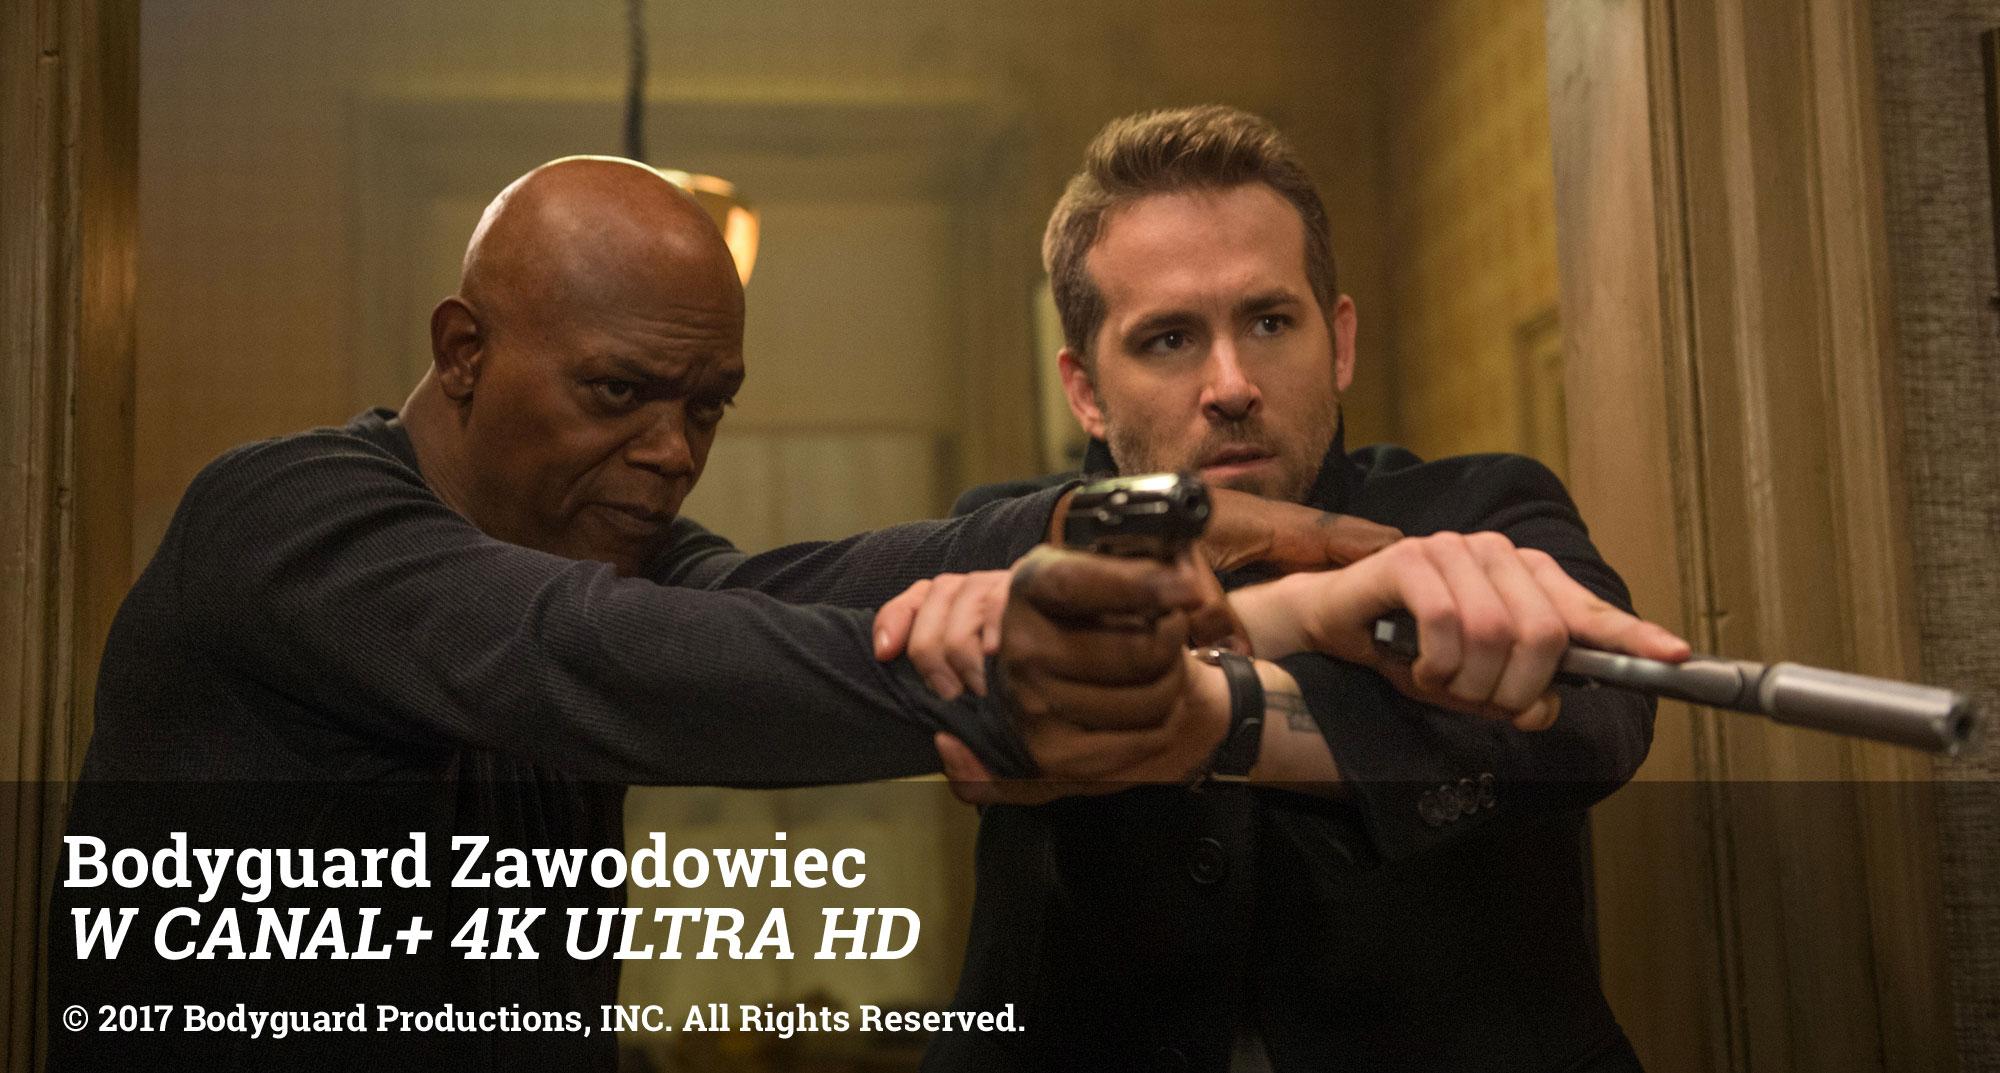 Bodyguard Zawodowiec W CANAL+ 4K ULTRA HD